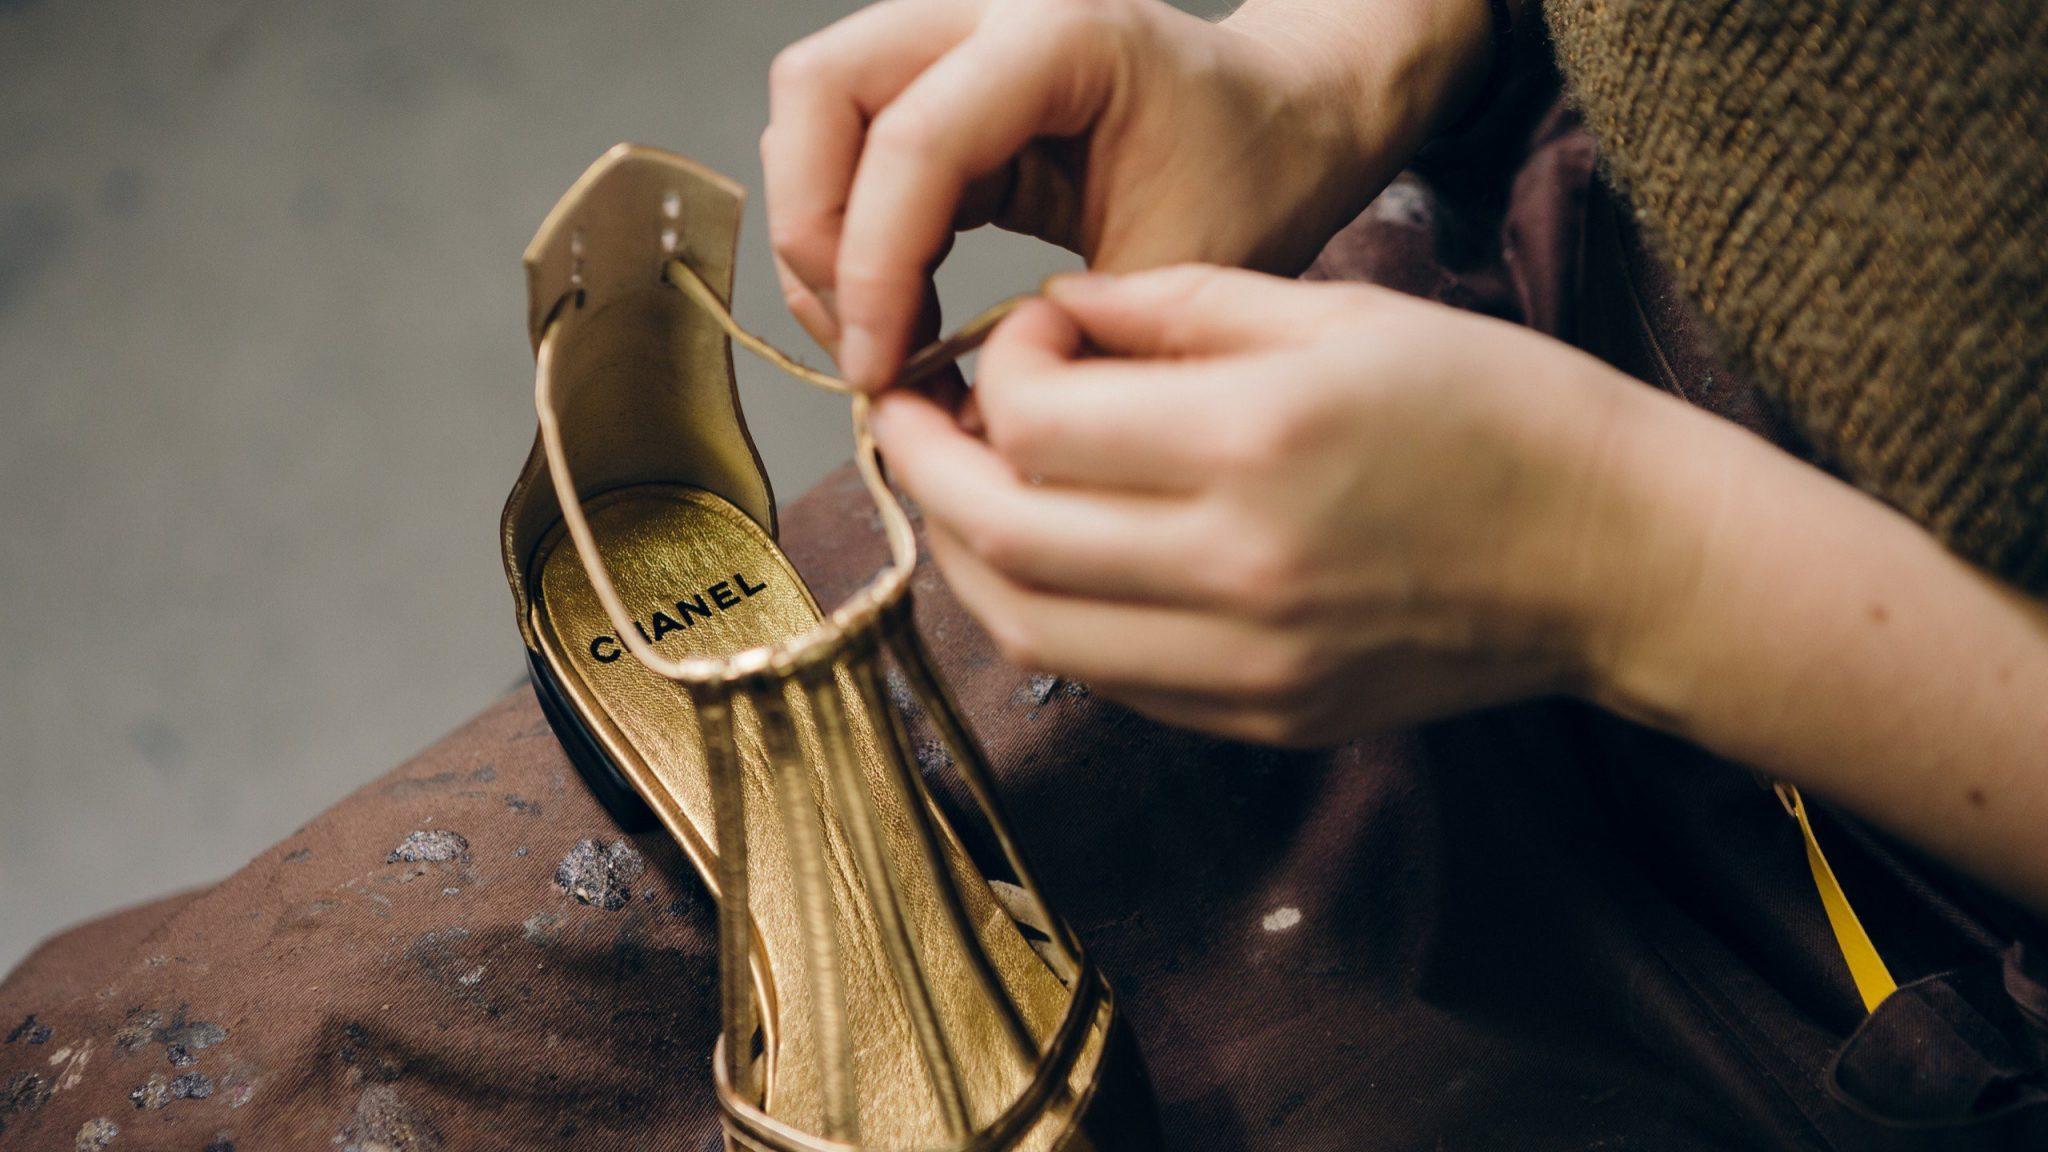 CHANEL Métiers d'Art Paris New York chaussures dorées Massaro Esprit de Gabrielle espritdegabrielle.com